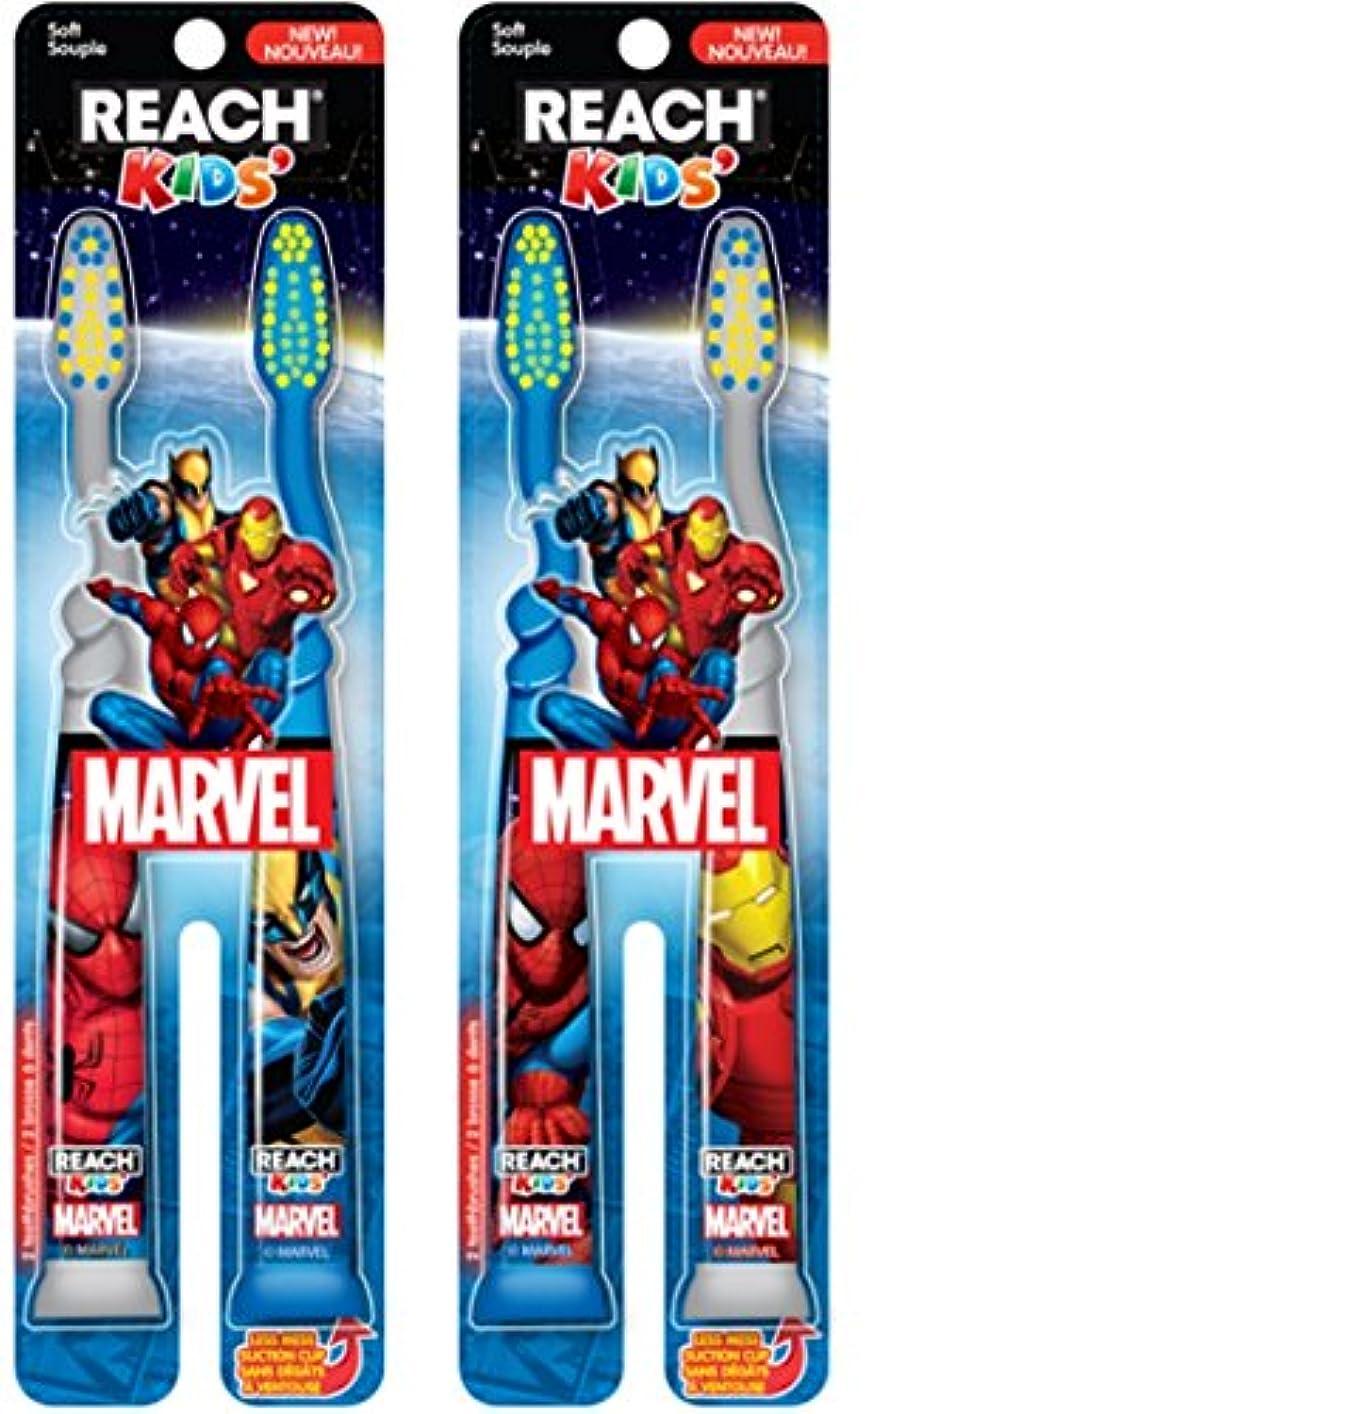 増幅するガラガラ加入Reach Kids Mavel Soft Toothbrush, 2 Count by Reach